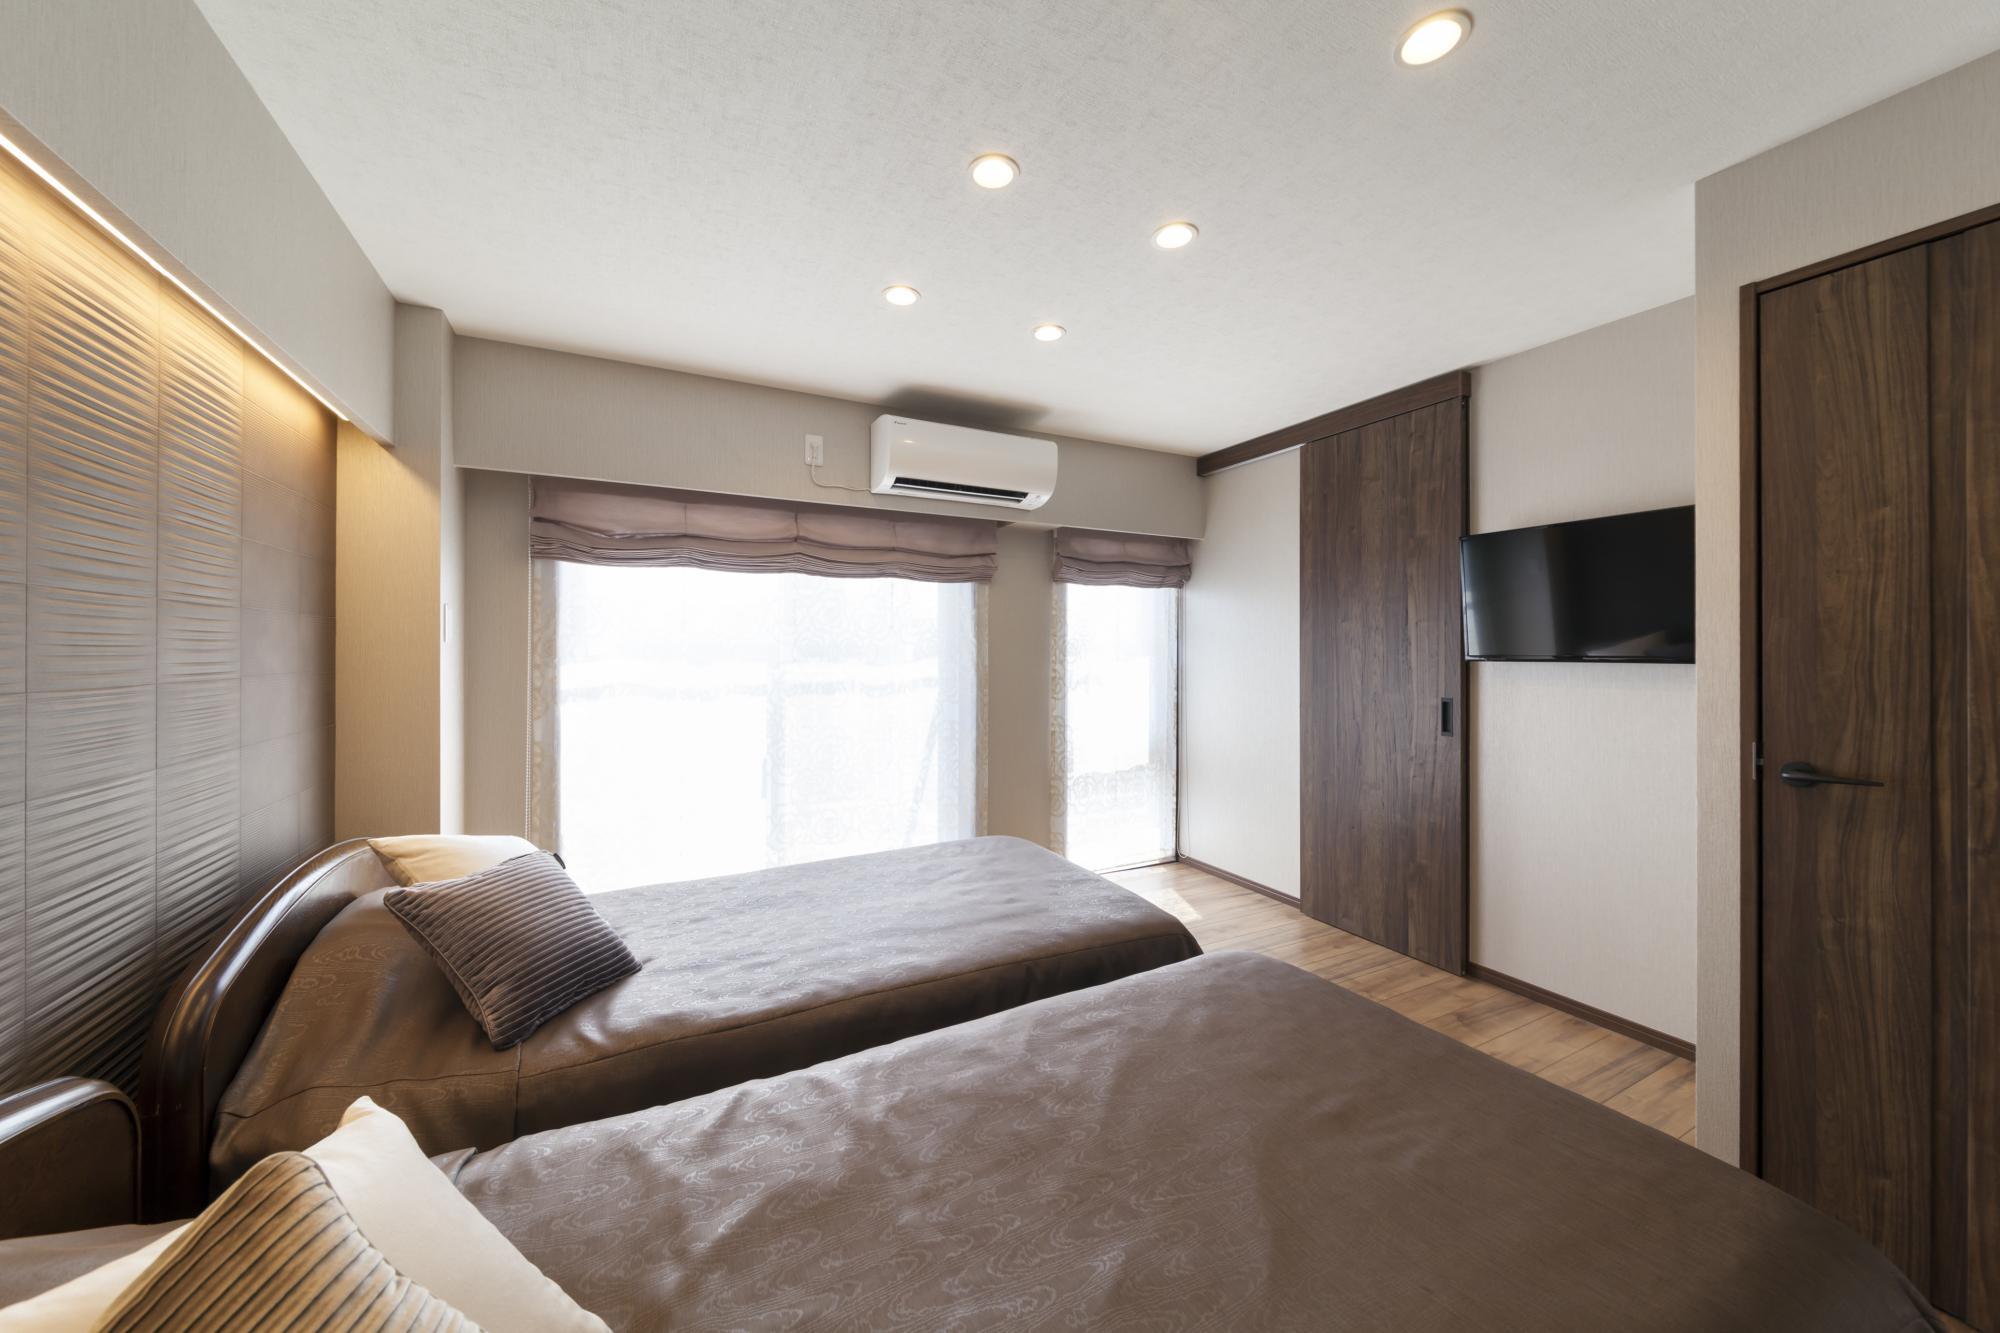 間接照明の効果によりホテルライクな寝室が誕生